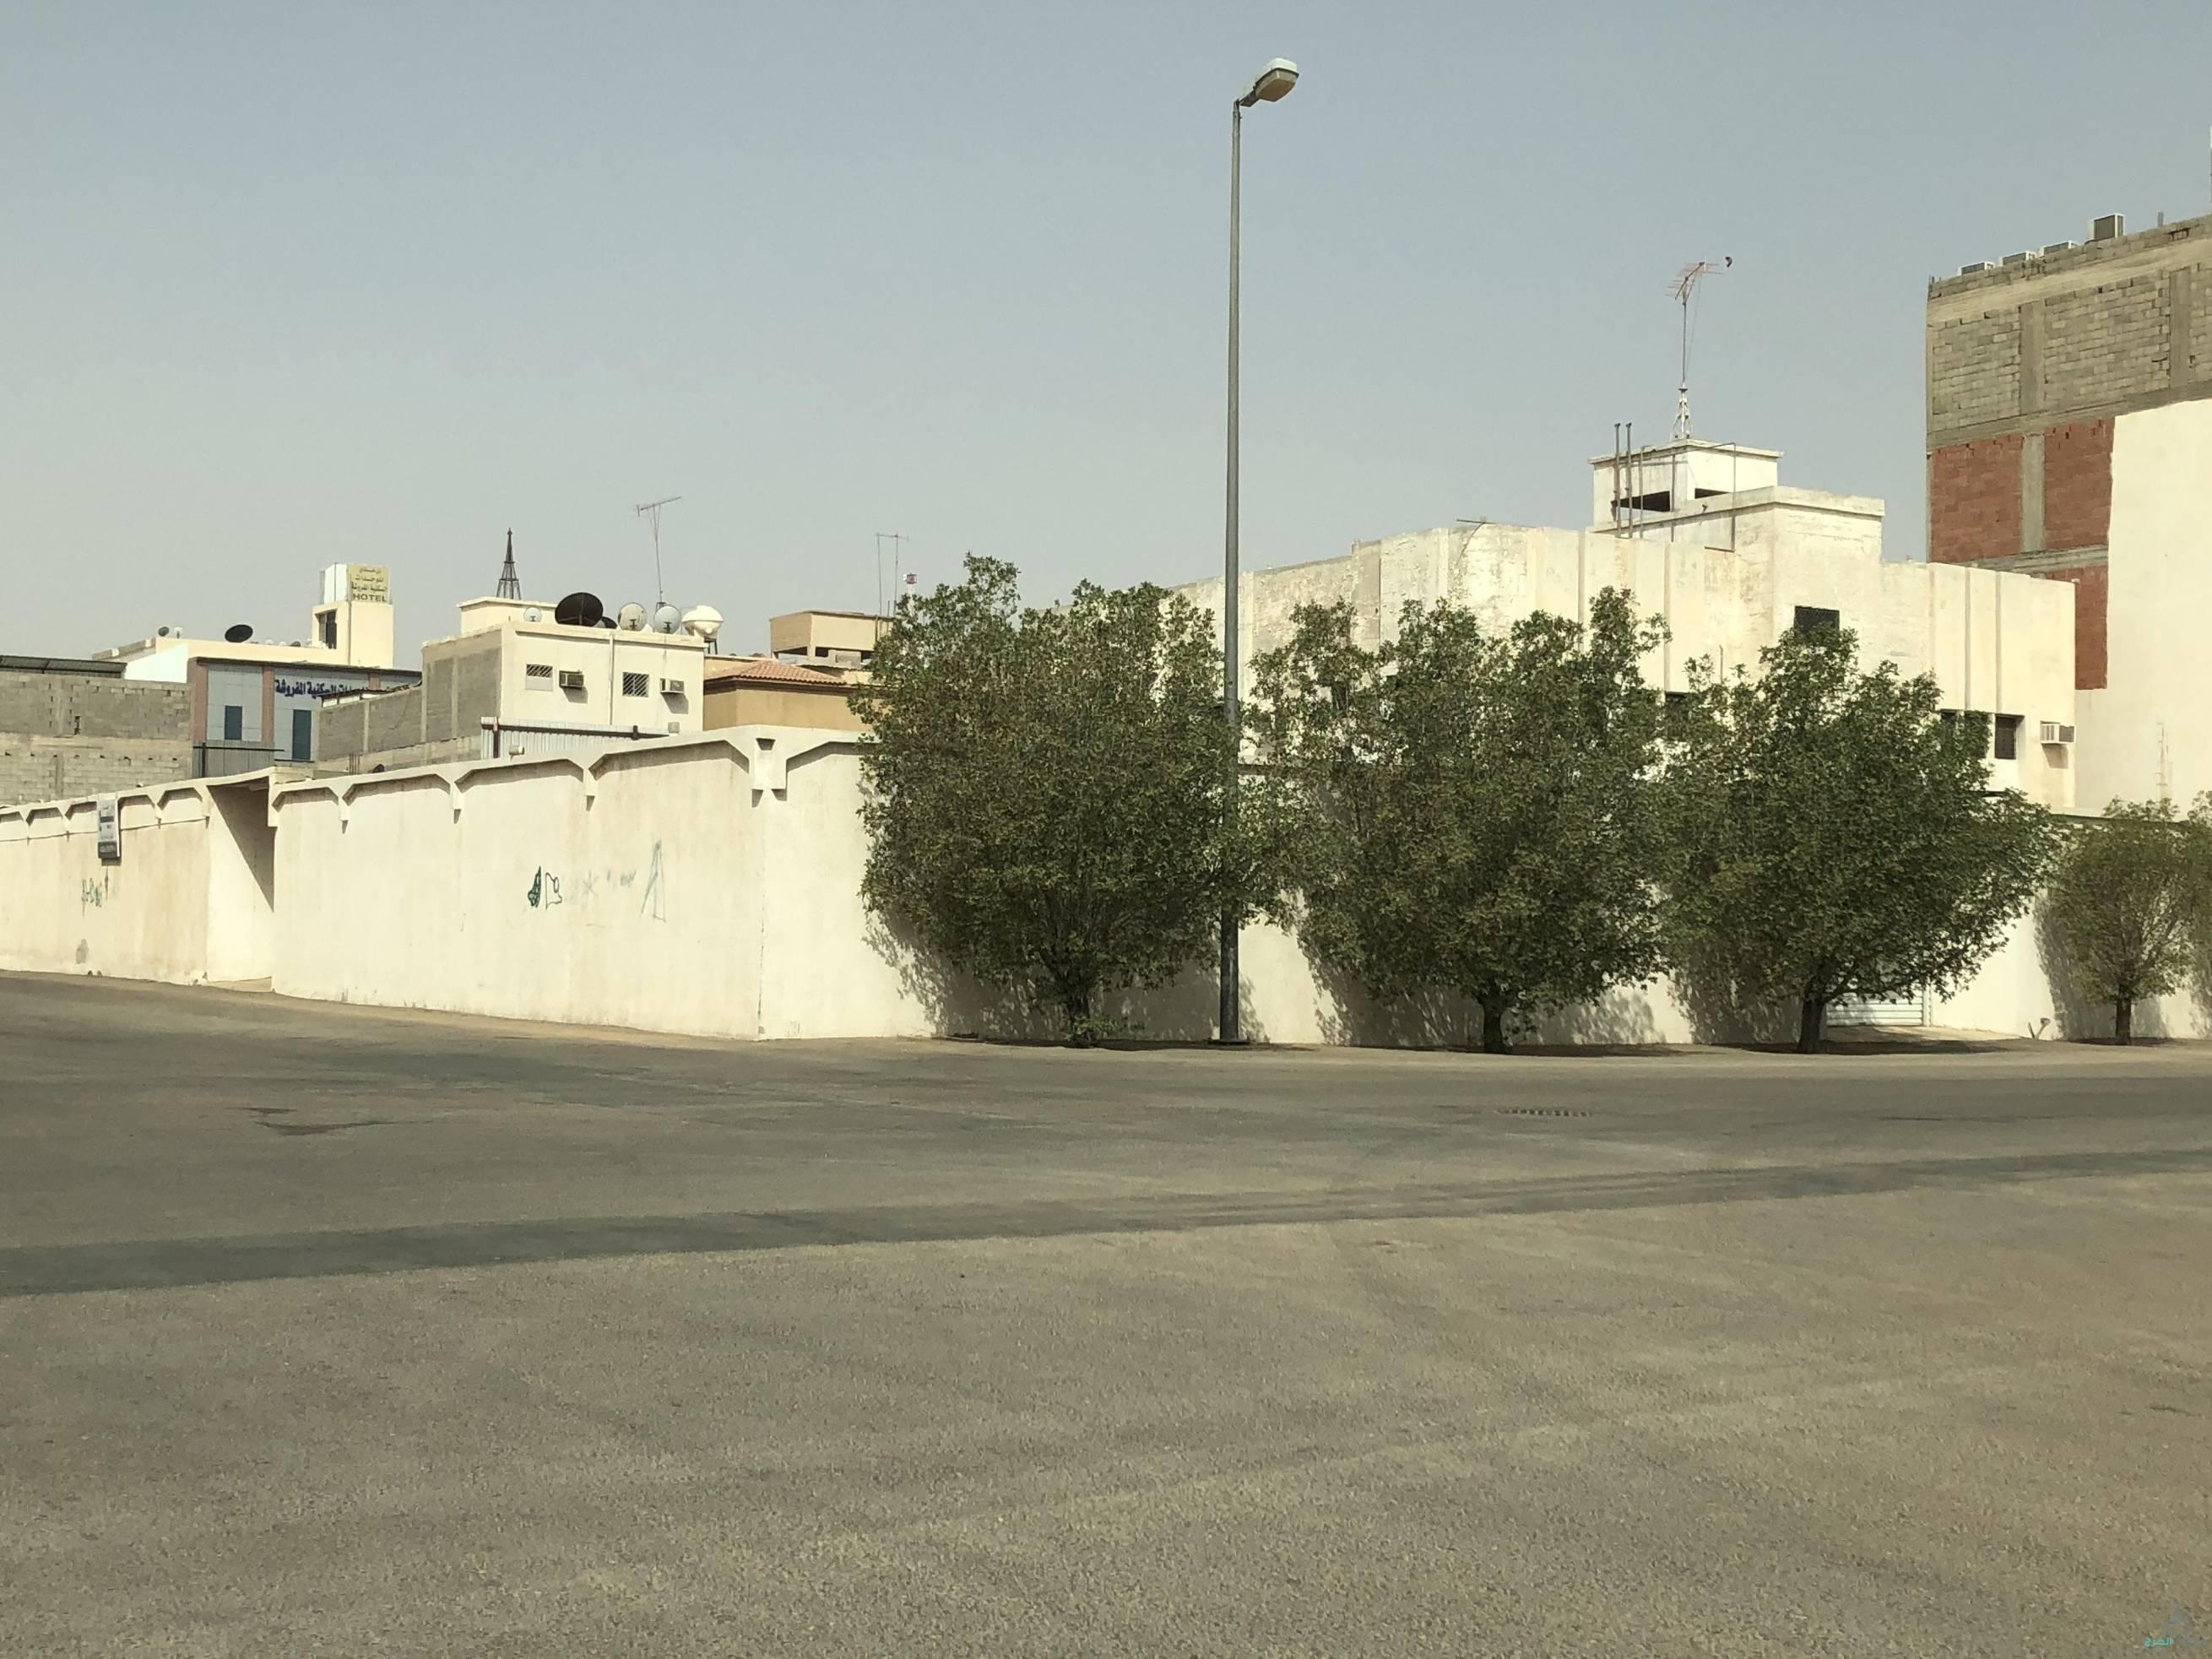 الخرج حي المنتزه شارع الملك سعود